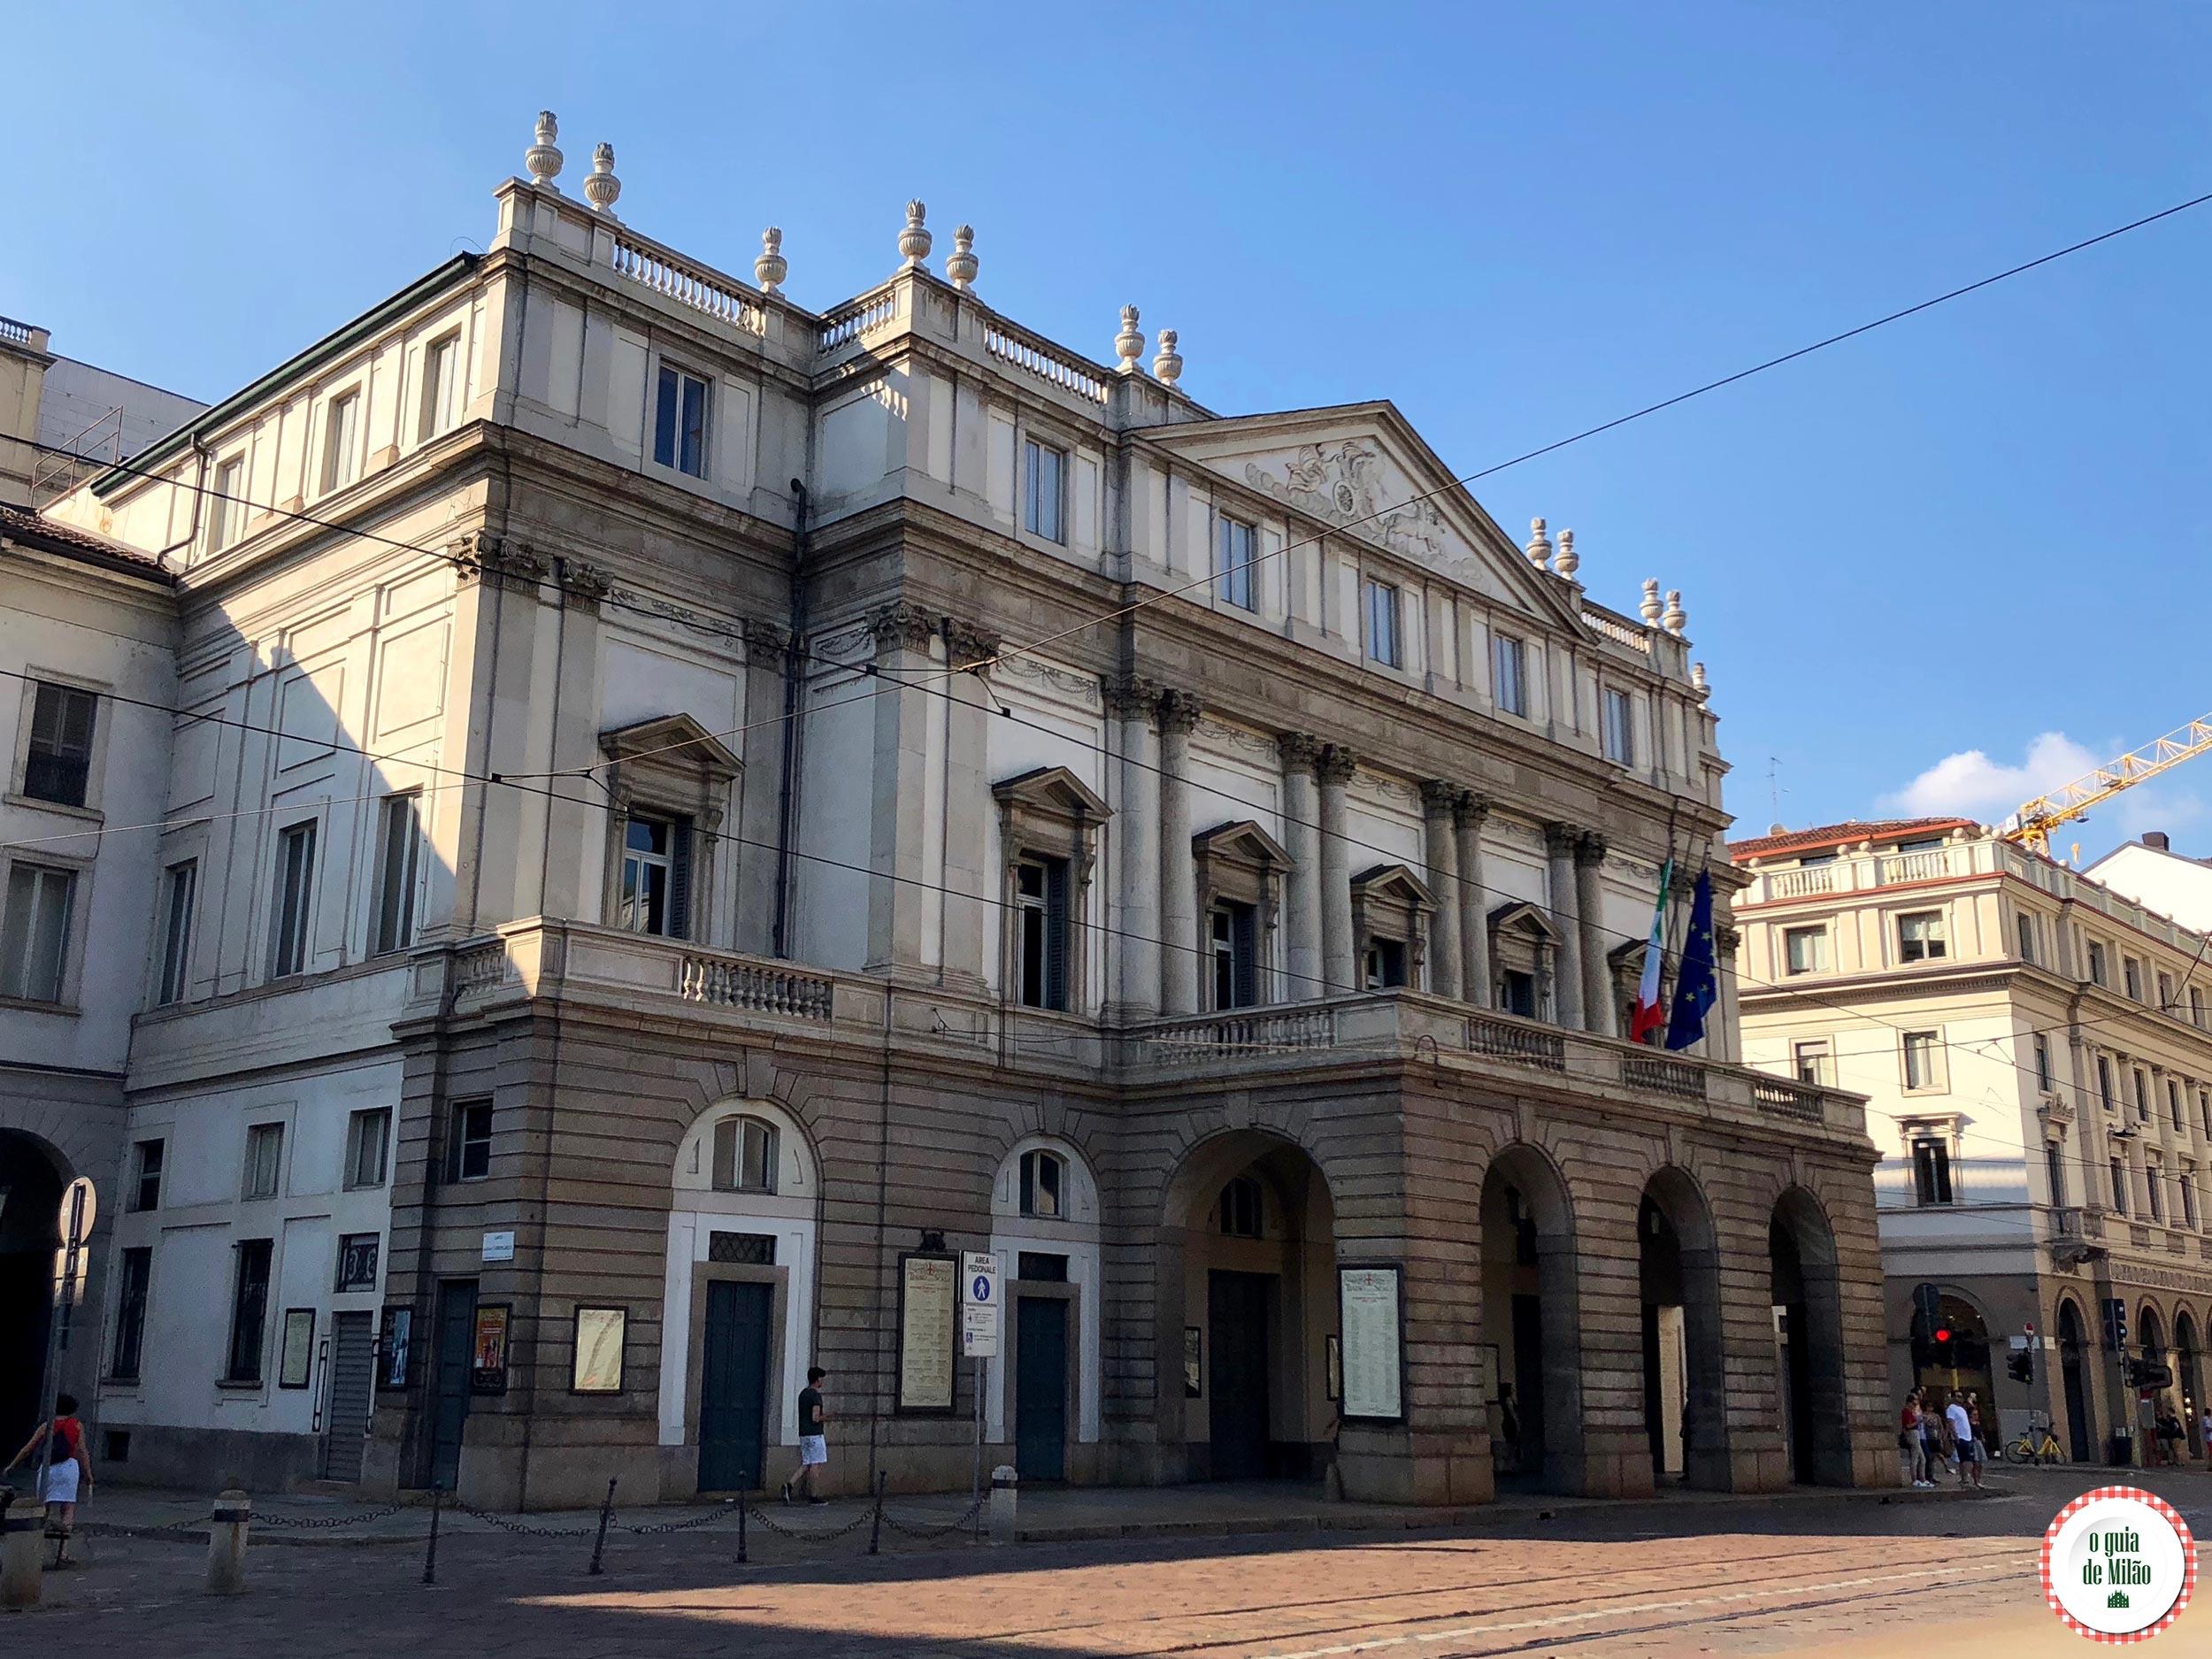 8 Curiosidades Sobre O Teatro Alla Scala De Mil U00e3o O Guia